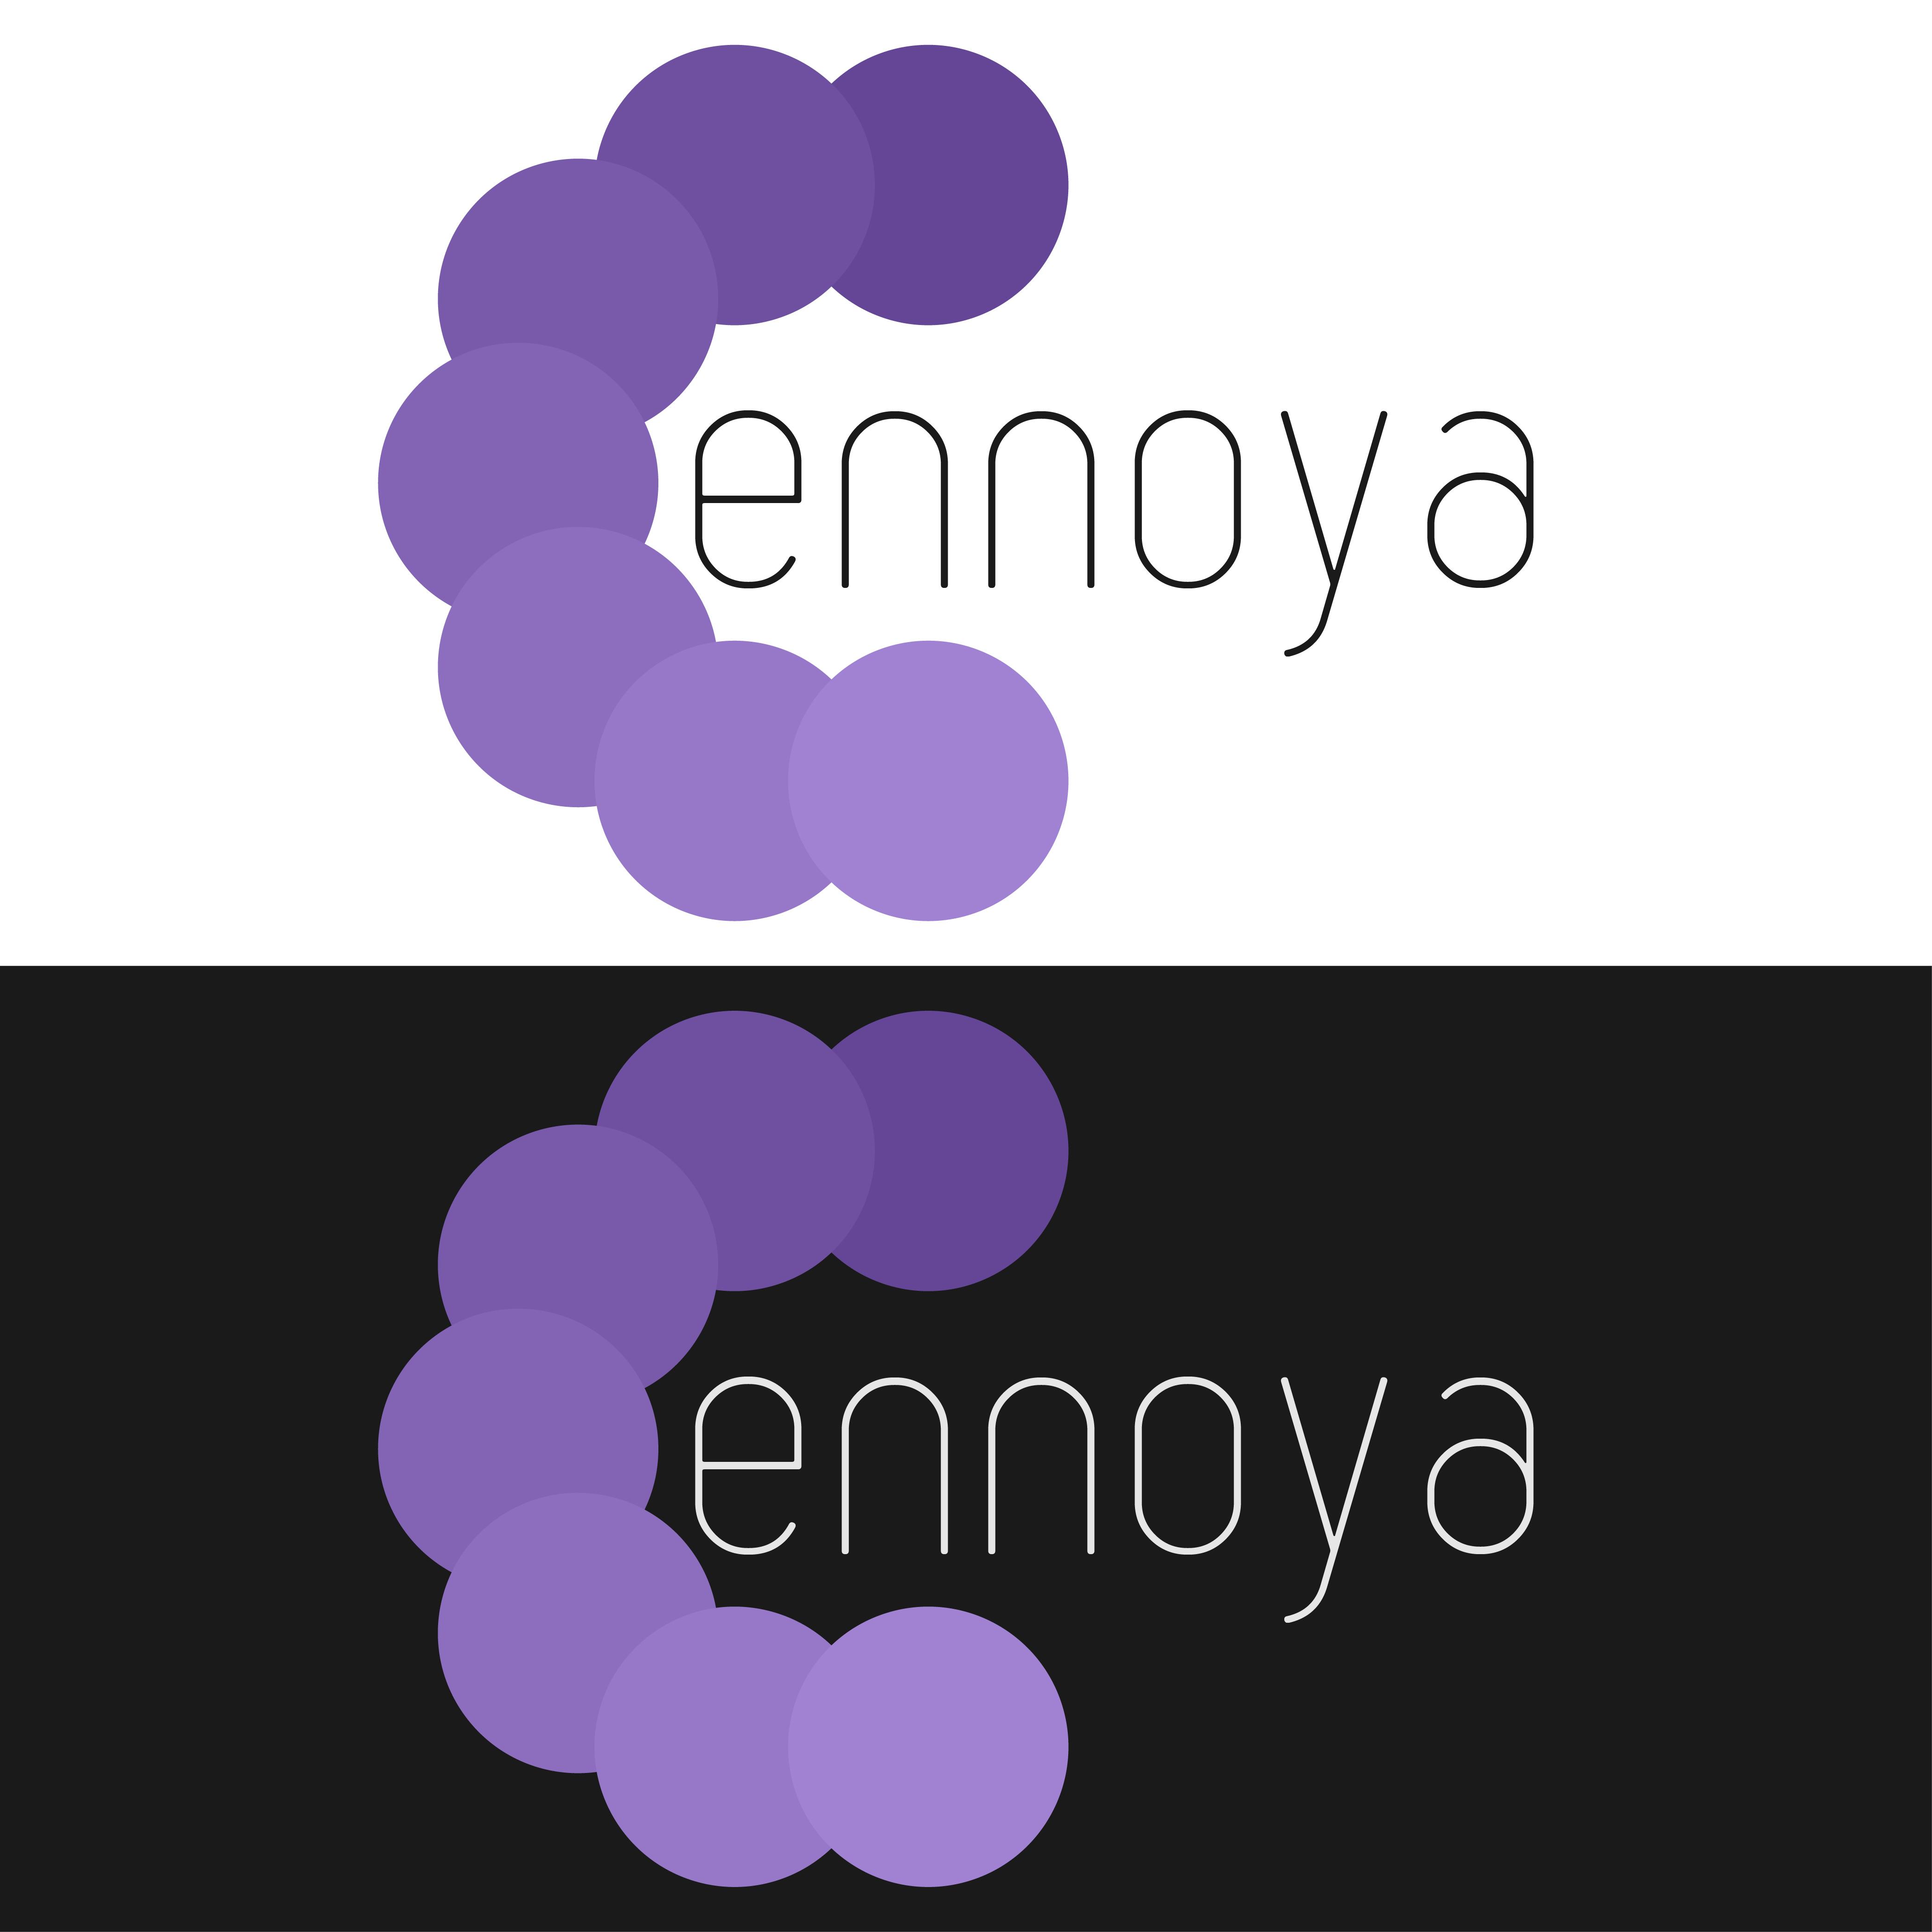 Логотип + фирменный стиль для продуктовой IT компании фото f_7025acf57df1ac73.jpg